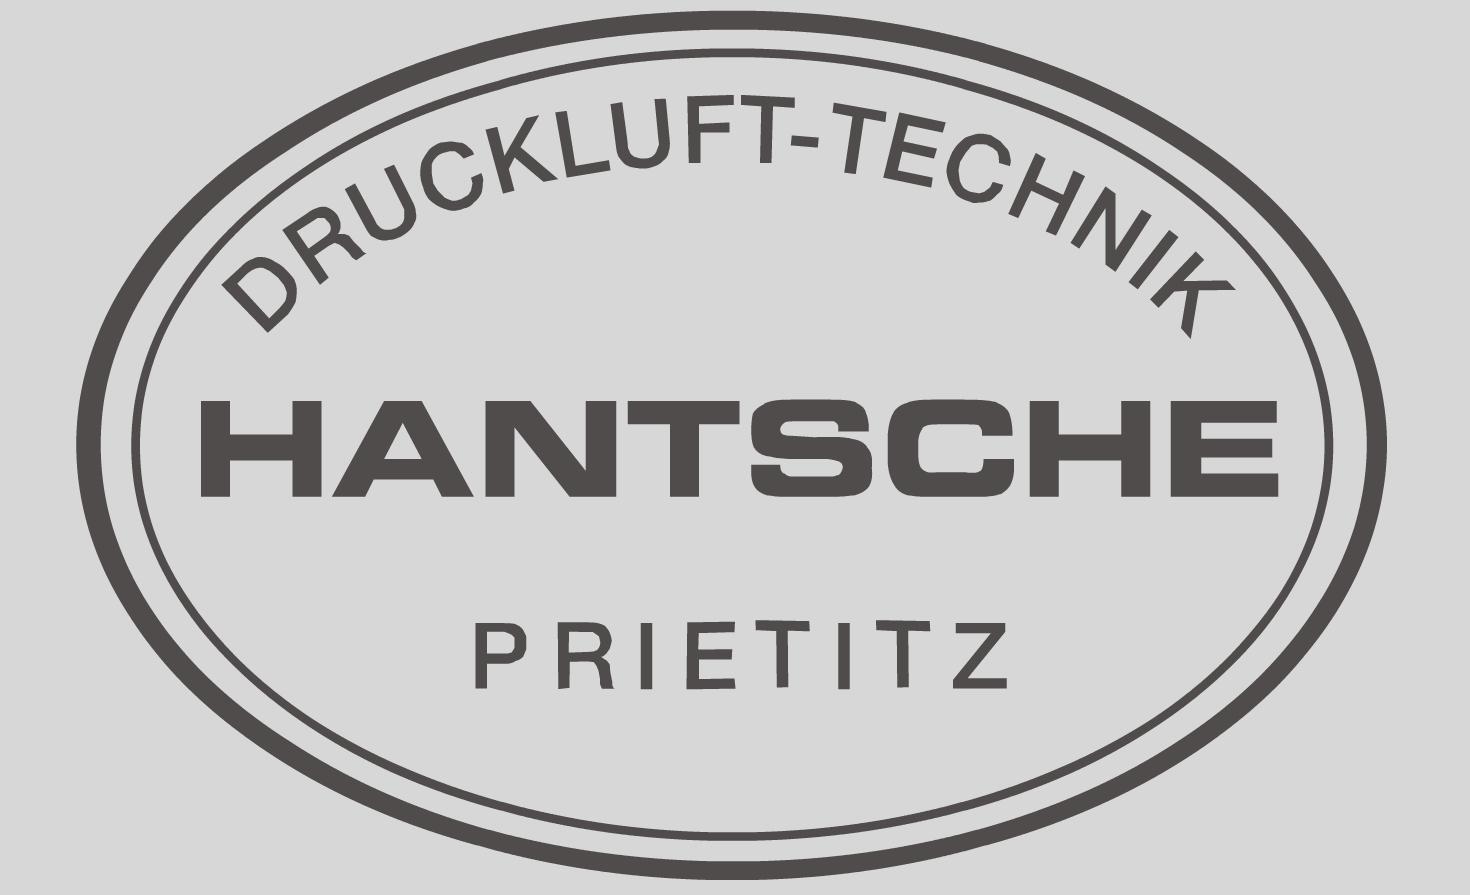 Hantsche Drucklufttechnik